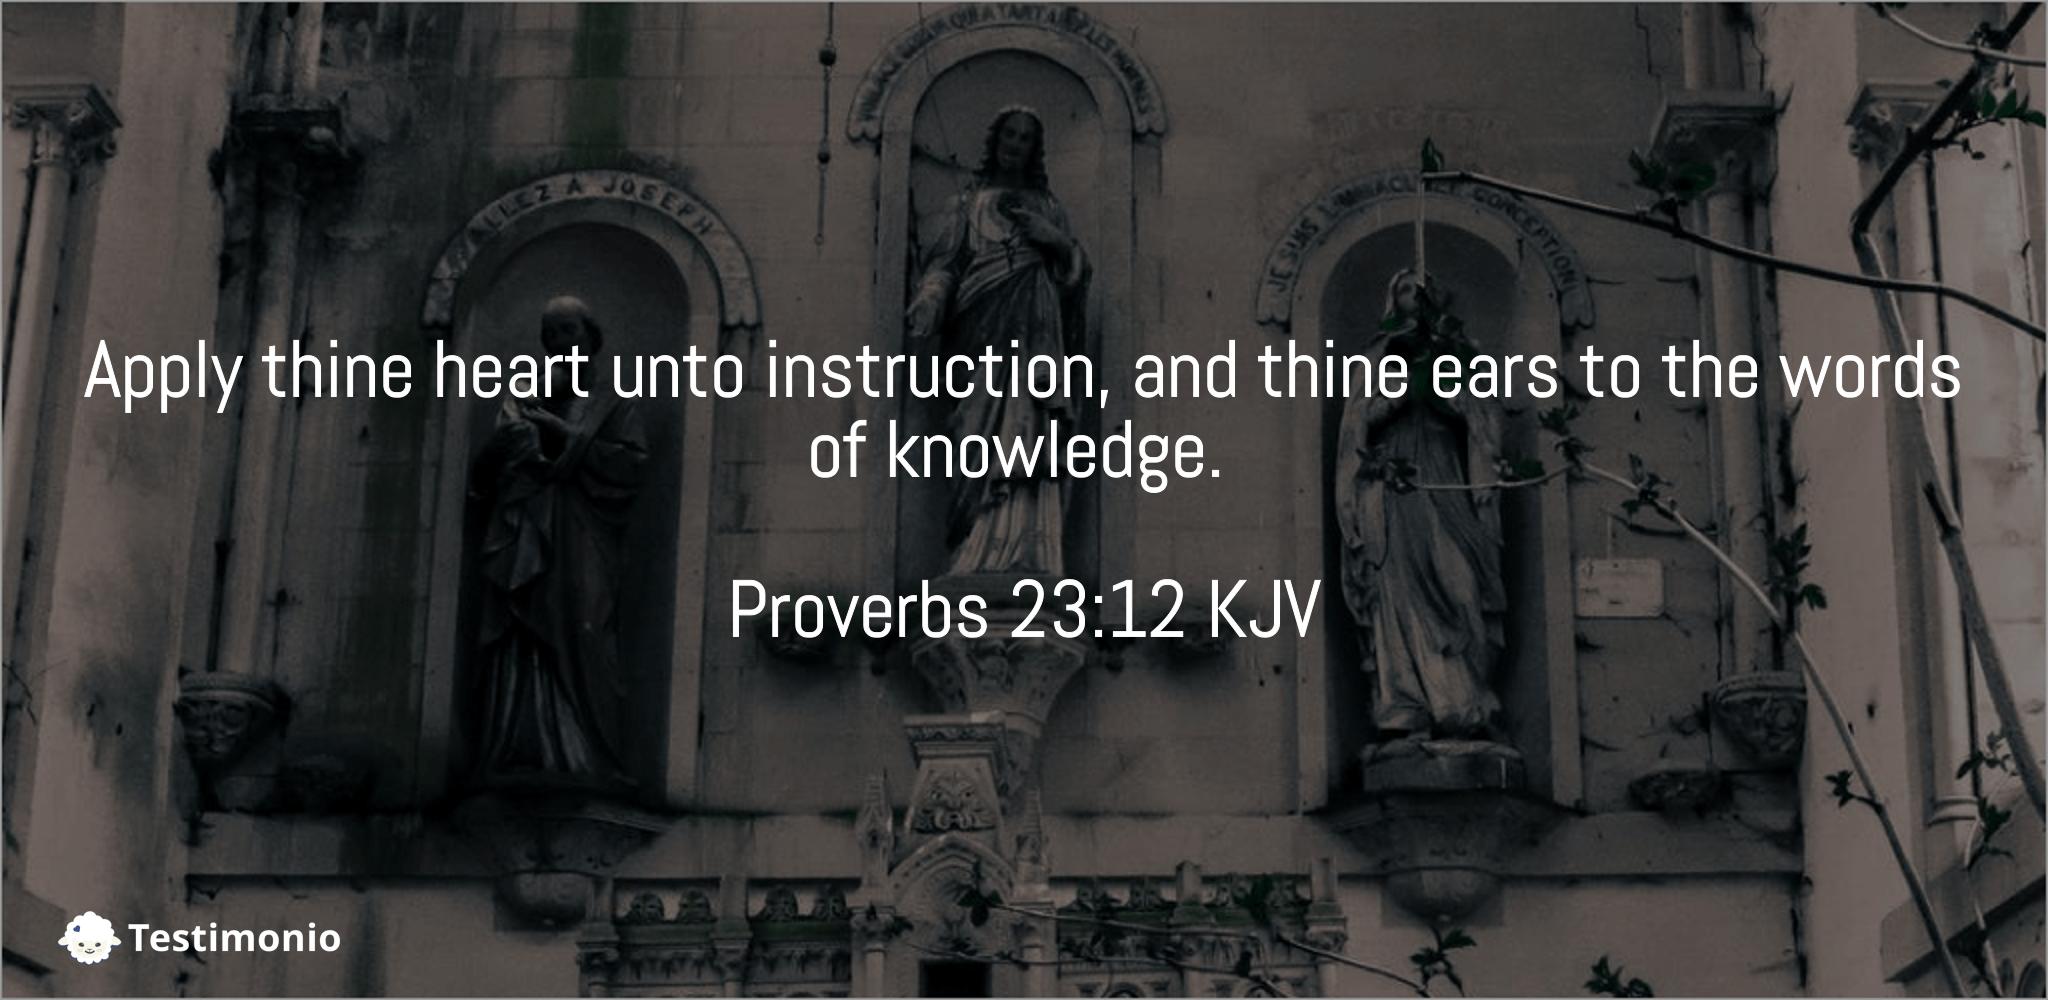 Proverbs 23:12